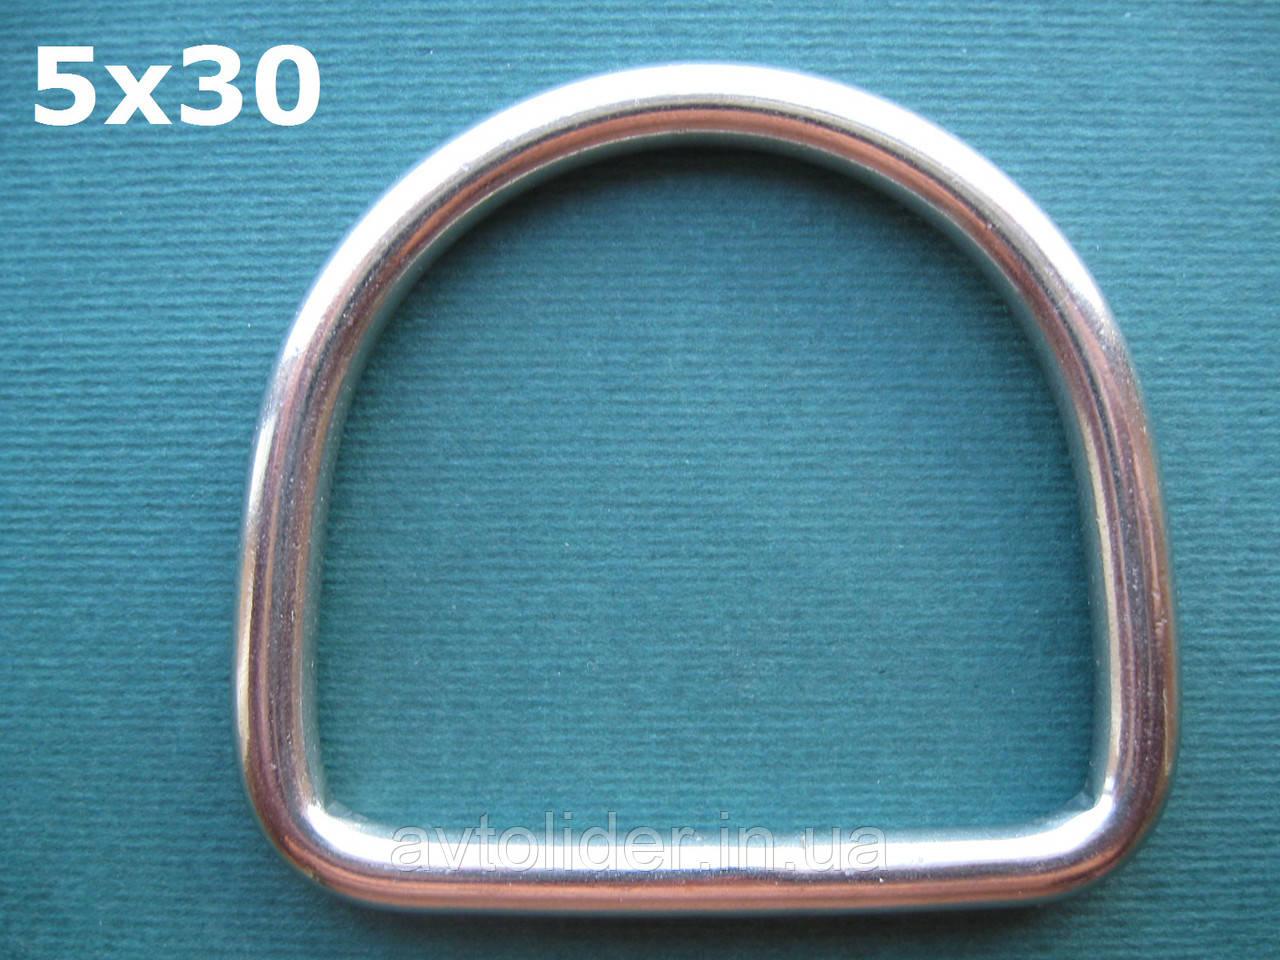 Нержавеющее кольцо D-образное, 5х30 мм